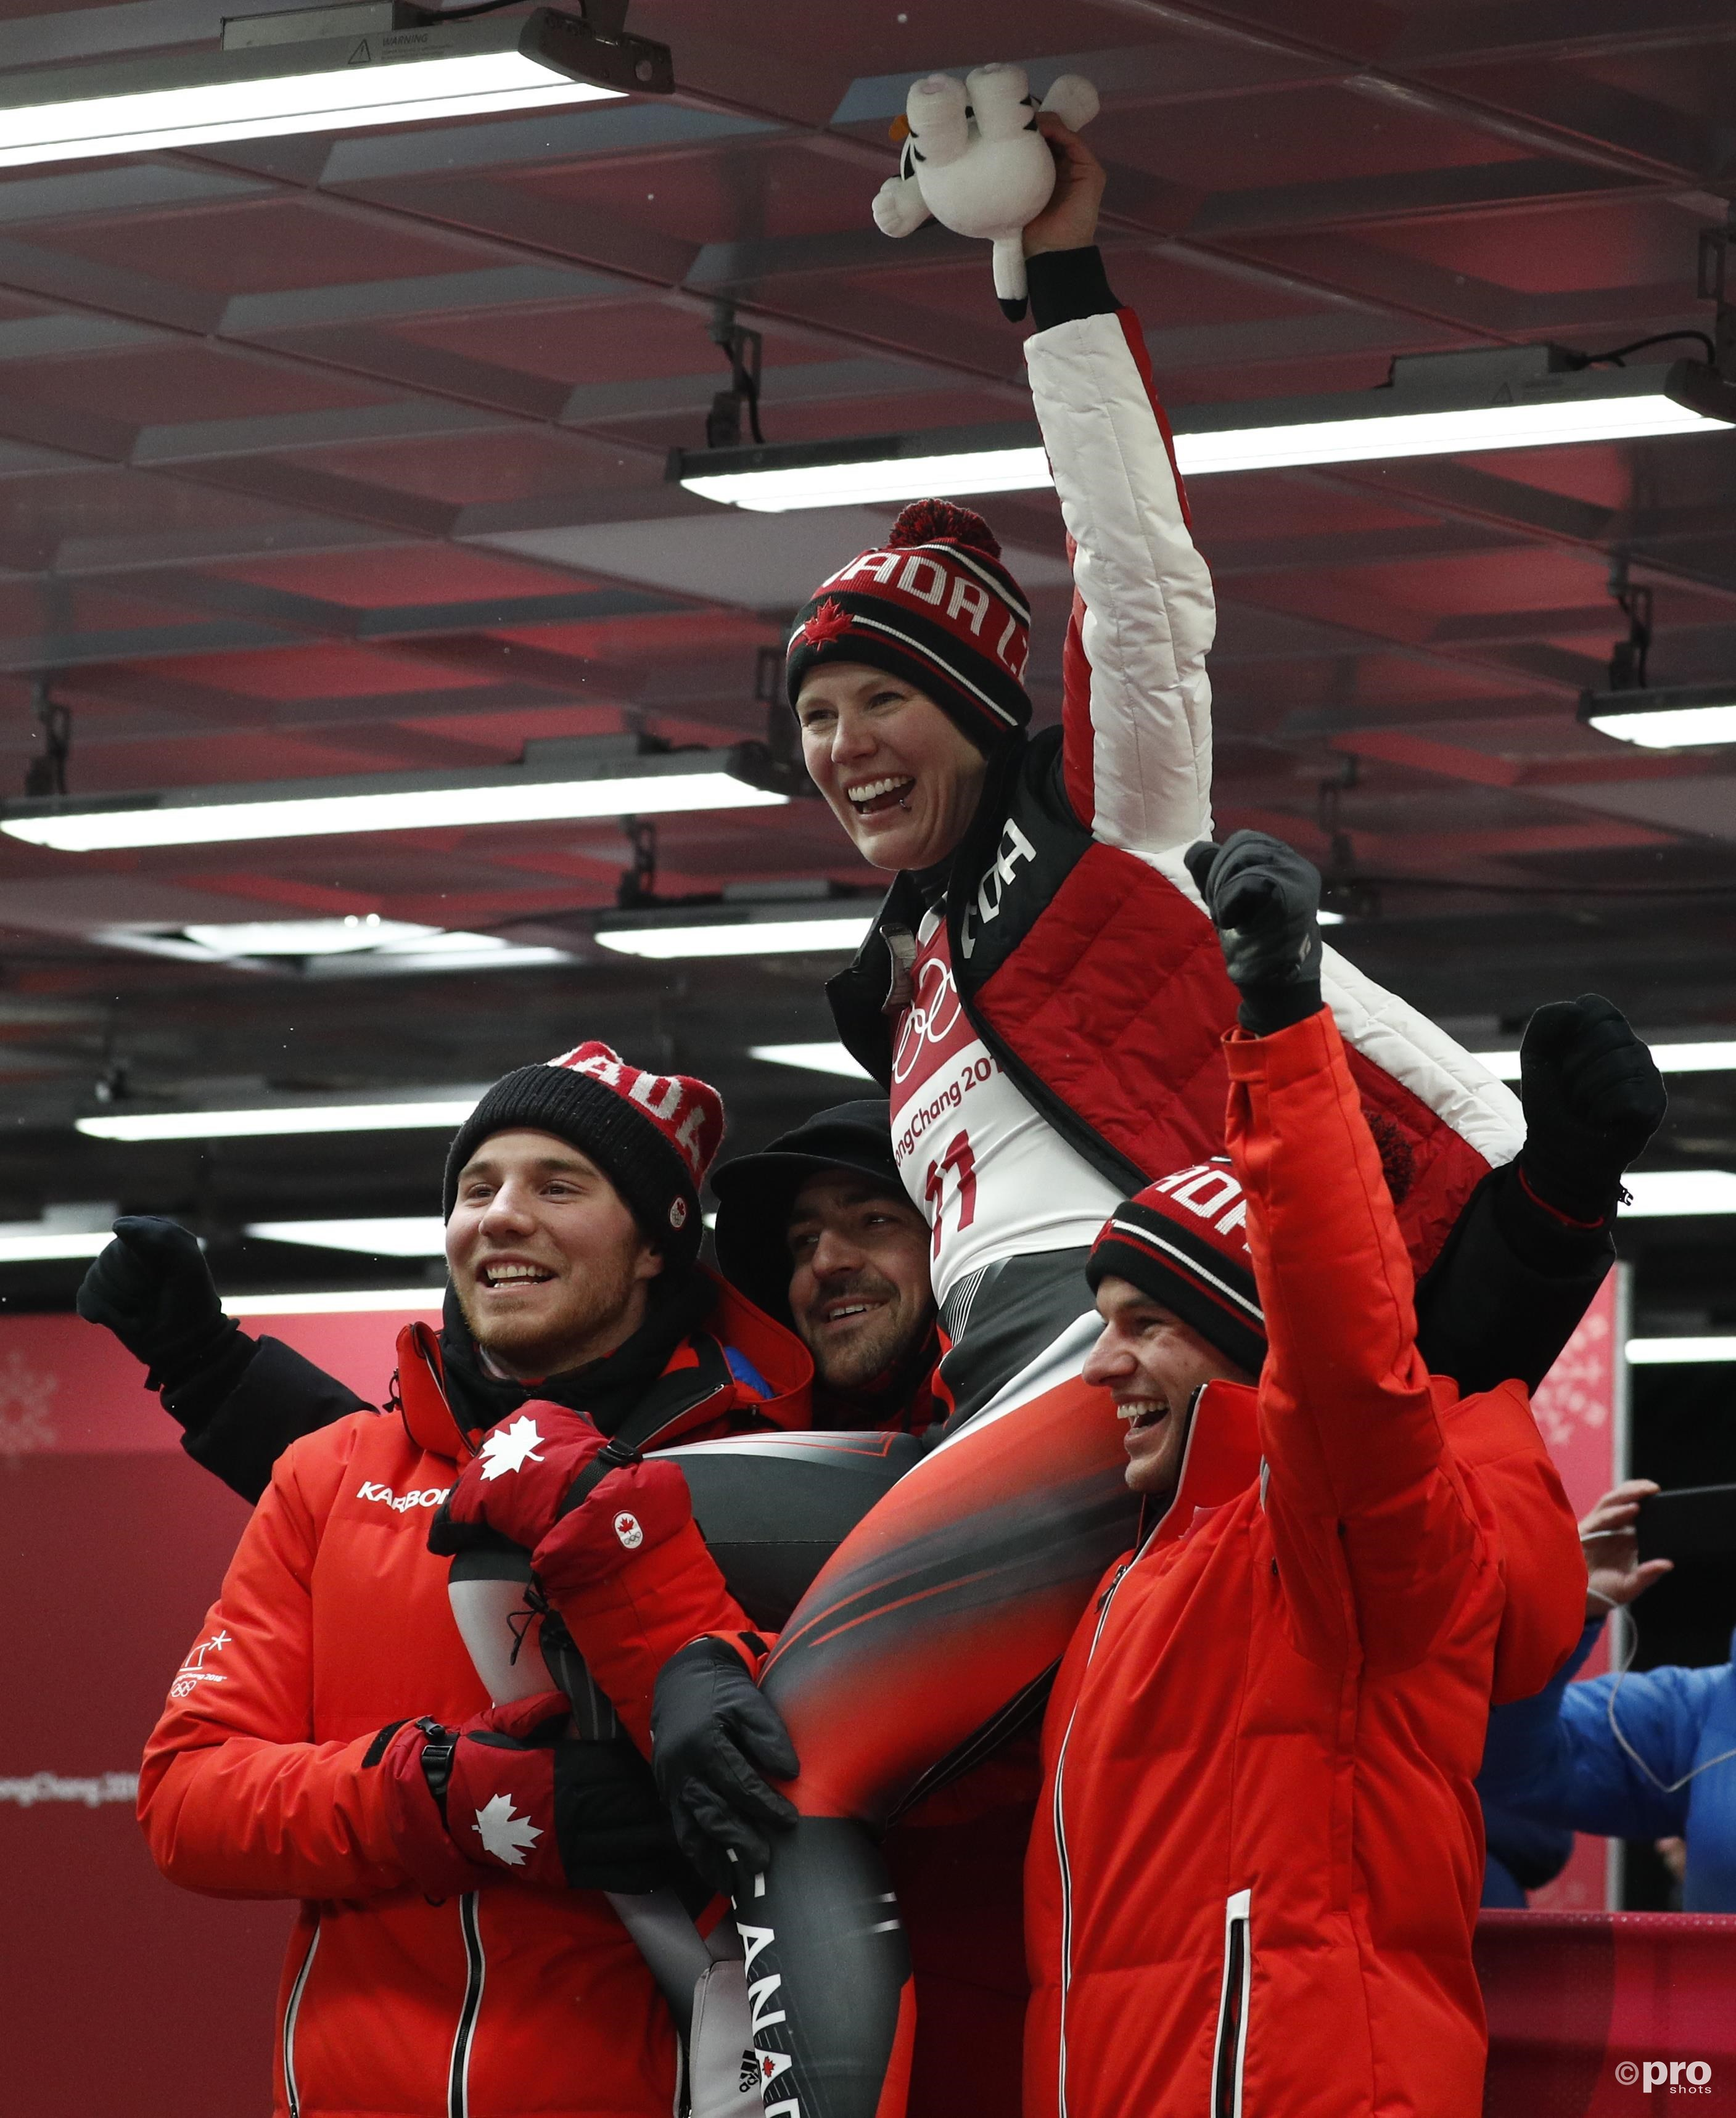 De Duitse dames pakten goud en zilver, maar met de eerste Canadese rodelmedaille ooit kon vooral in het team van Gough de champagne ontkurkt worden (Pro Shots/Action Images)